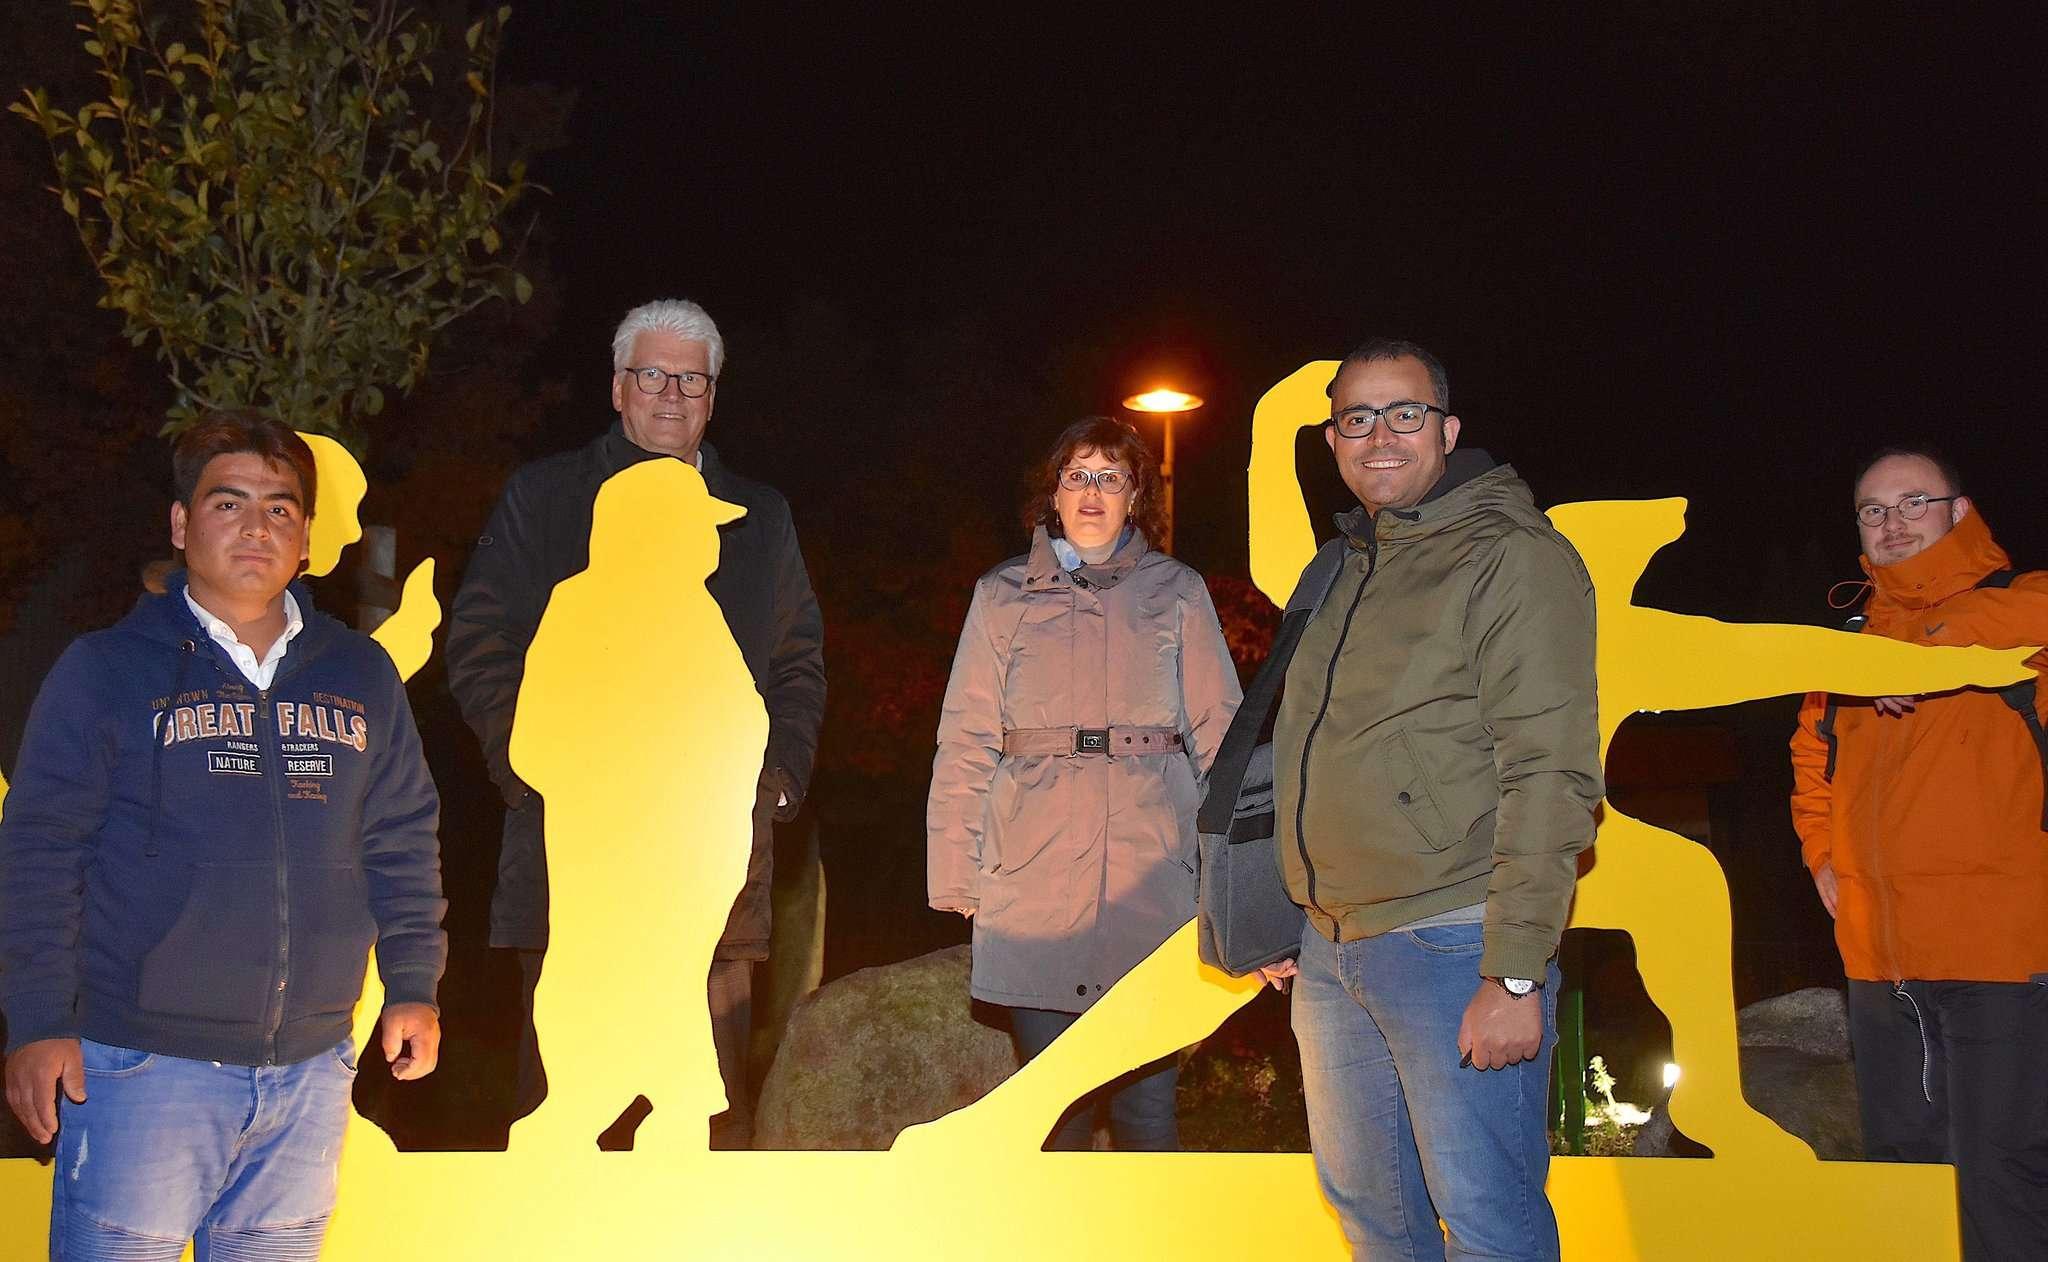 Ata Mohammad Naderi (von links), Ralf Goebel, Nicole Kanapin, Miad Pedramkhou und Christian Oddoy blicken auf ein gelungenes Miteinander in Sachen Flüchtlingshilfe zurück. Foto: Judith Tausendfreund